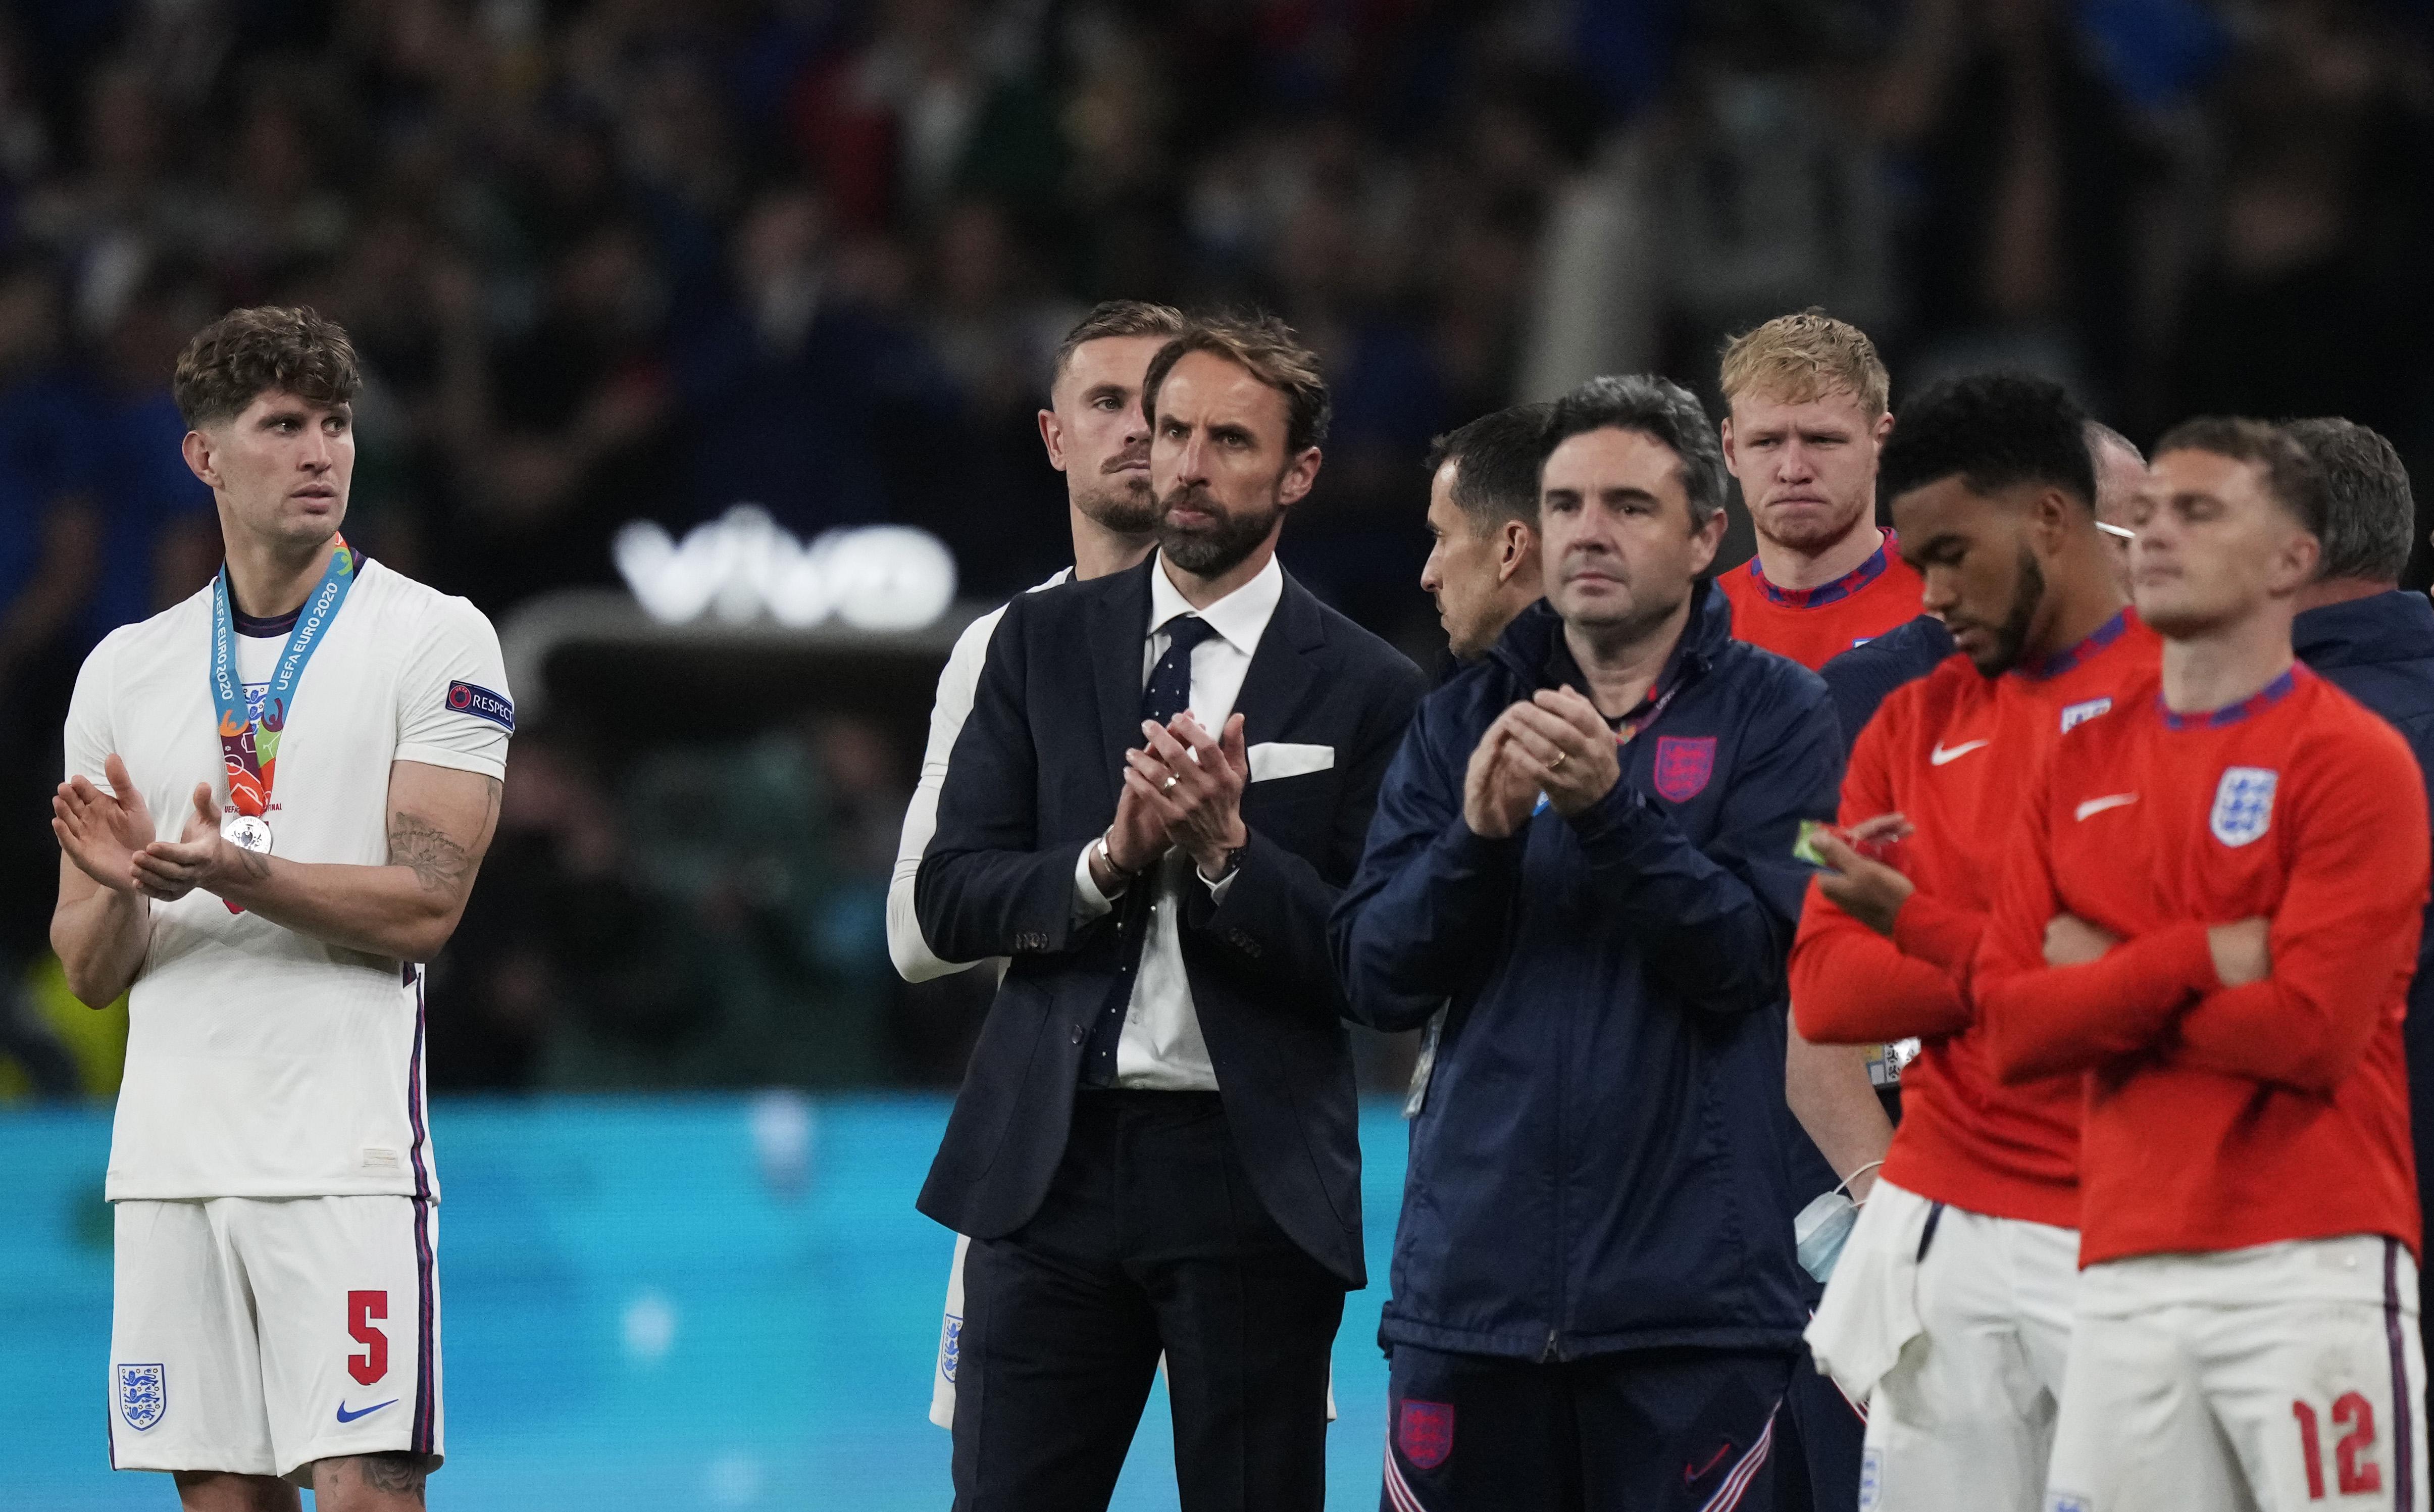 索斯盖特鼓励球员们。